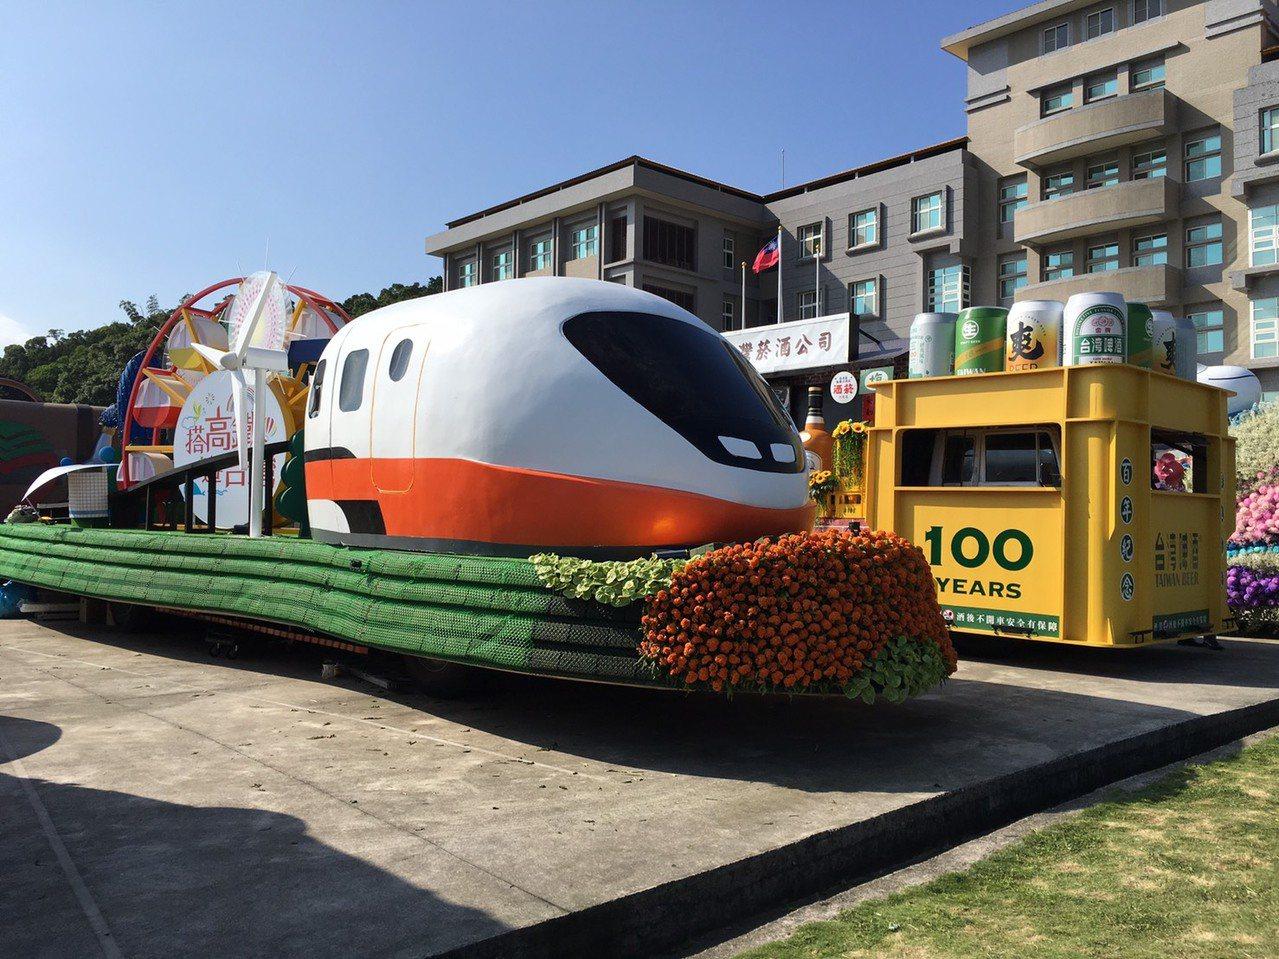 高鐵今年首度加入國慶花車車隊,車頭是高鐵列車模型。記者吳姿賢/攝影